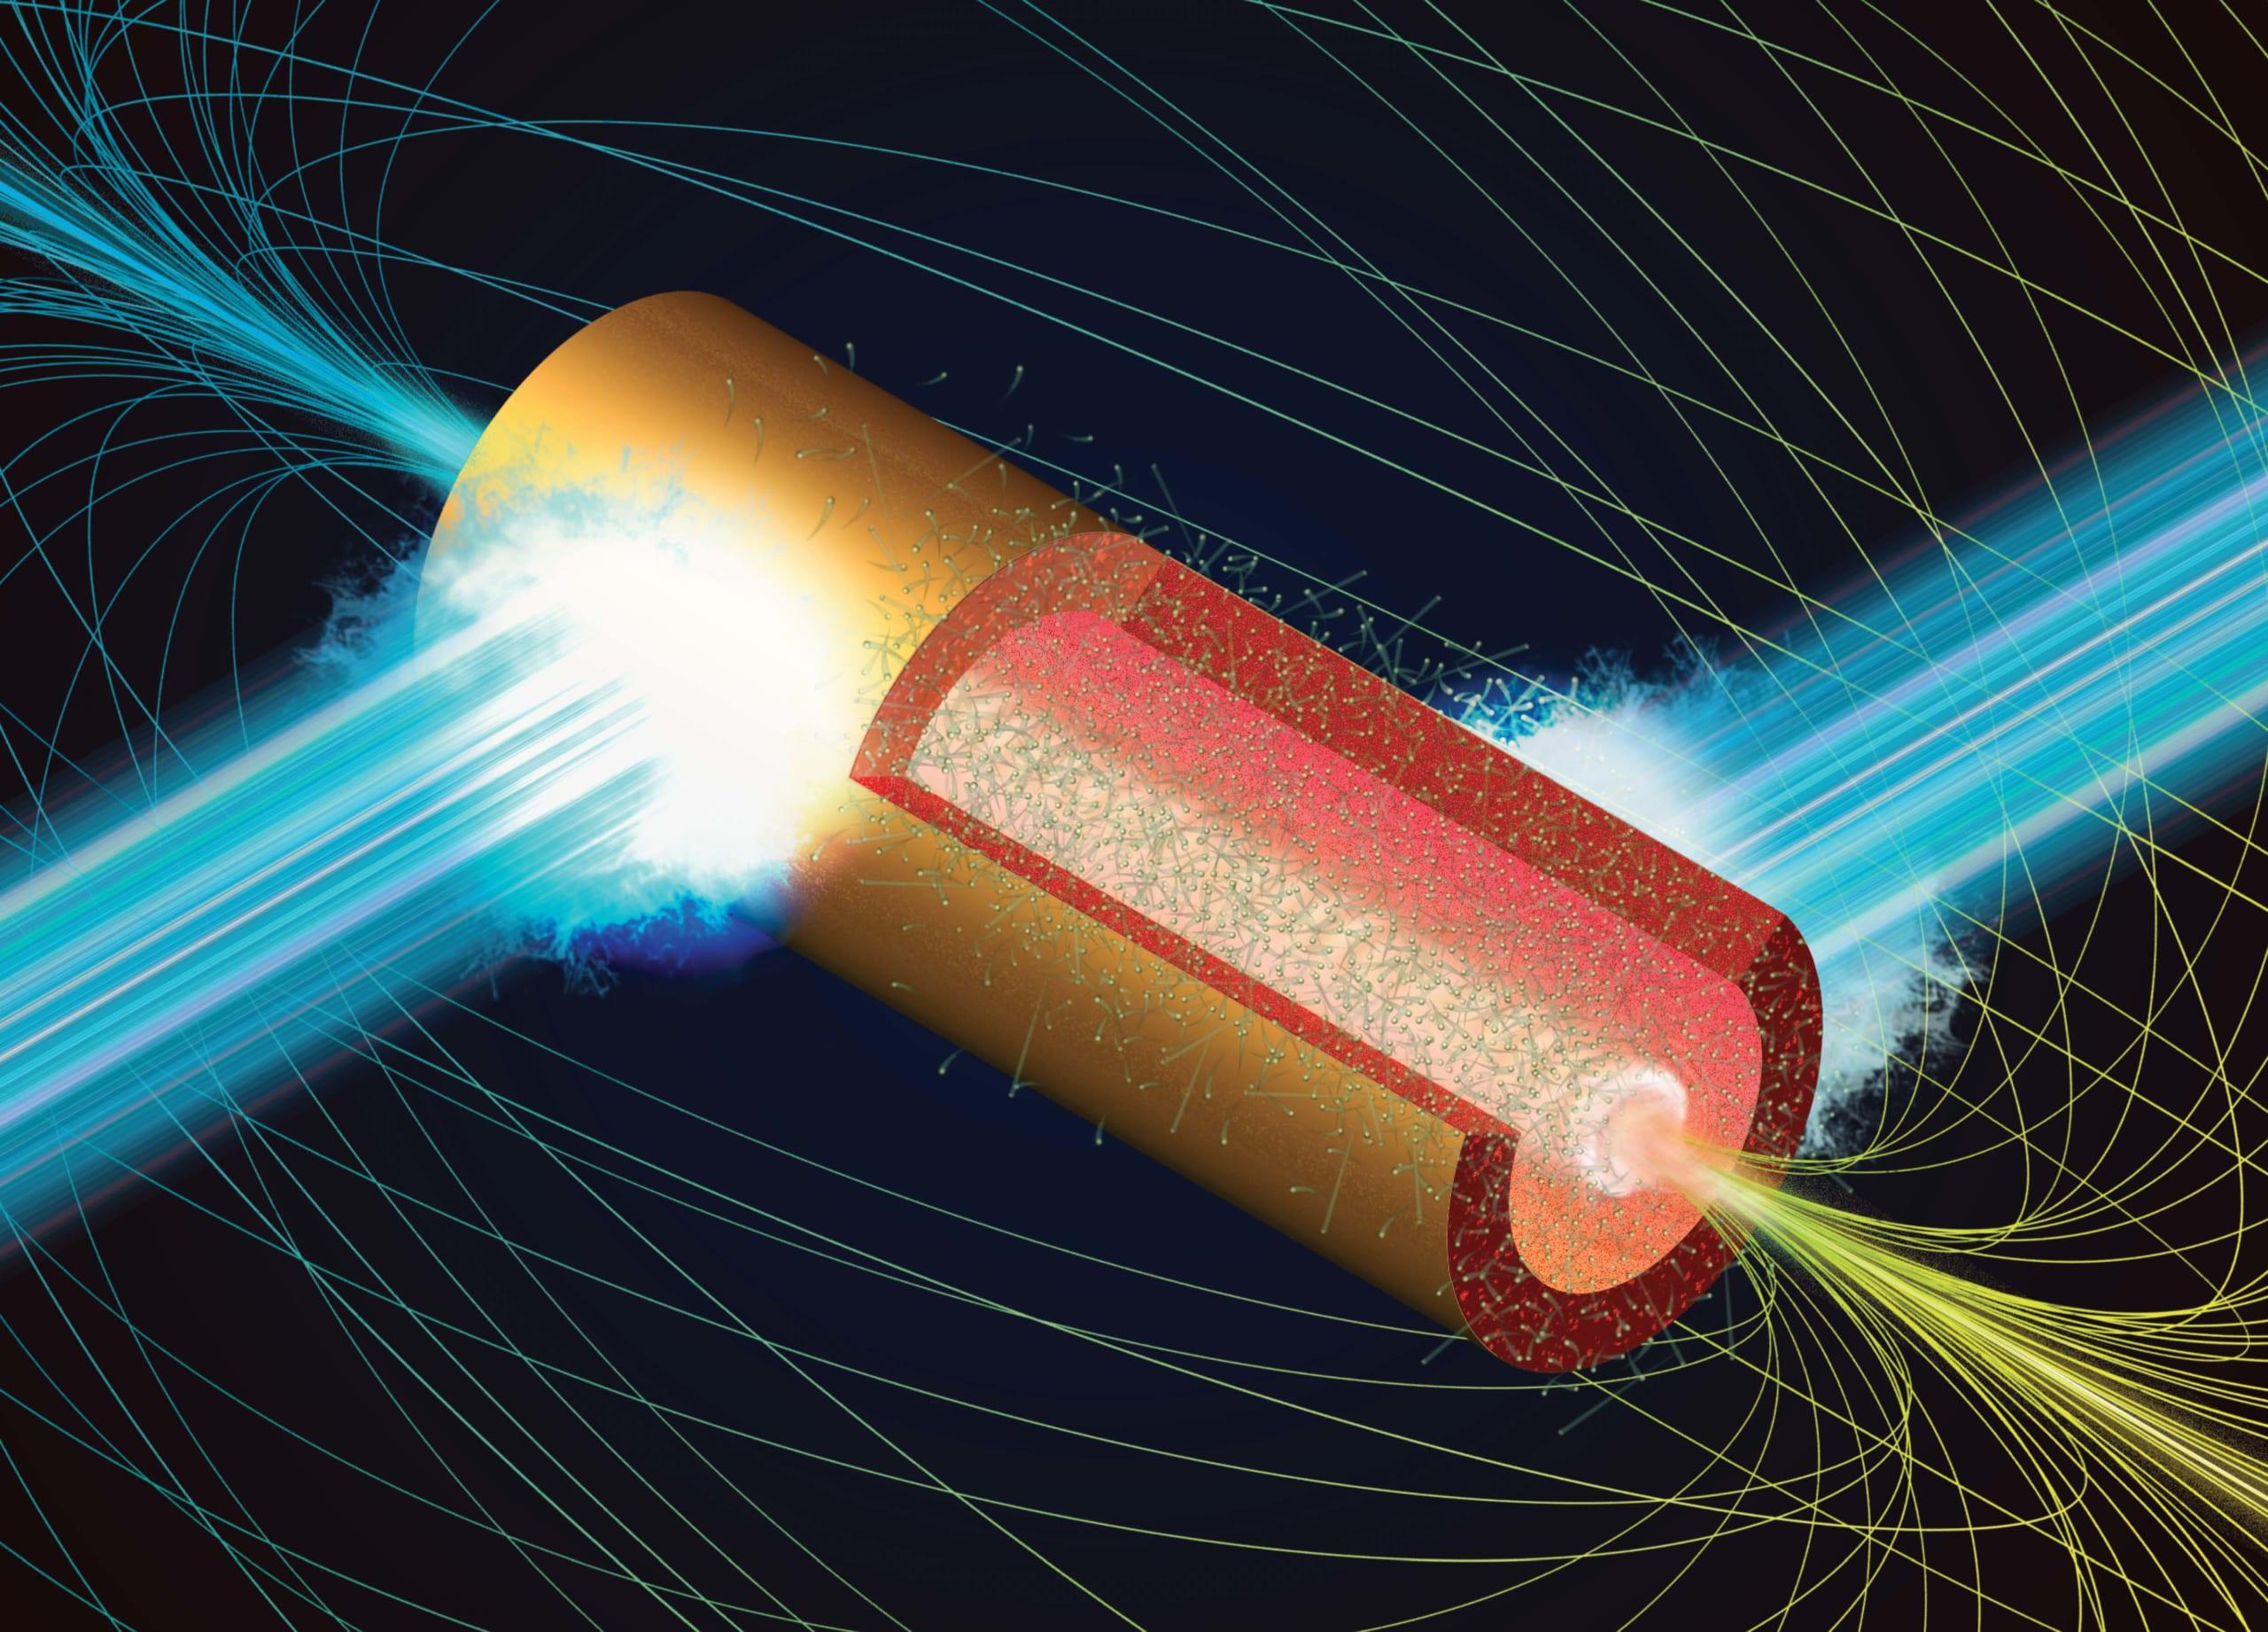 マイクロチューブに強力なレーザーパルスを照射する説明図。